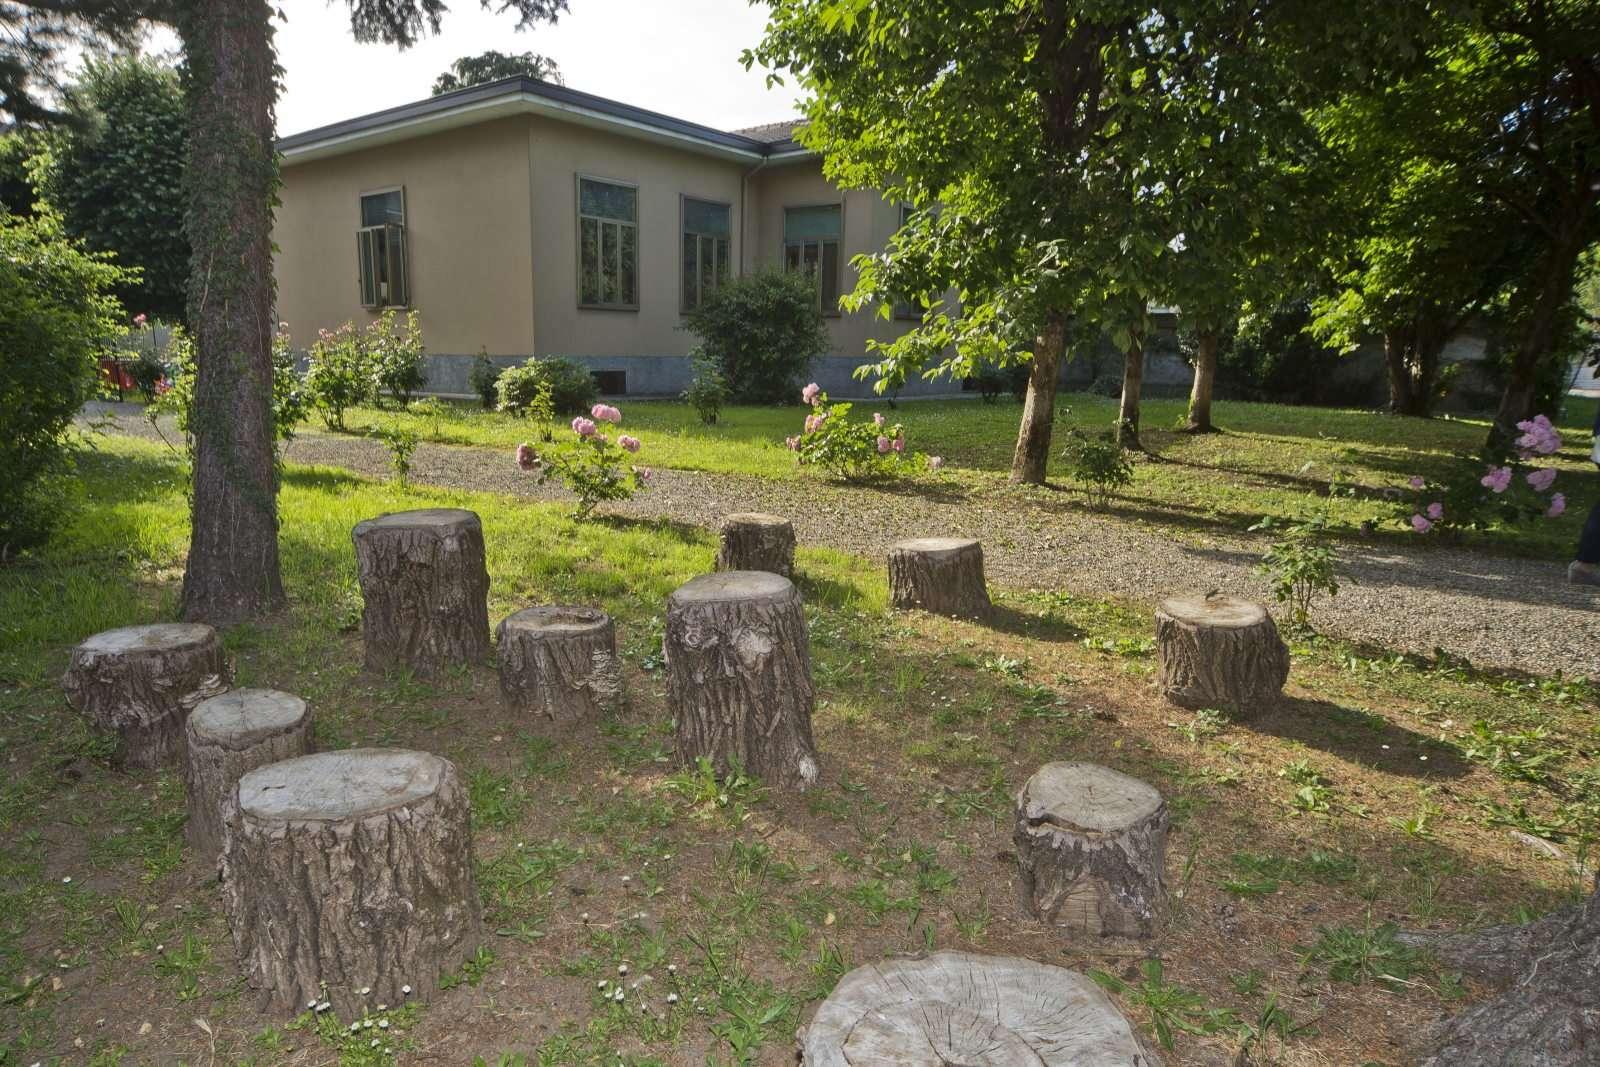 035 D4C 5579 Ridotte - Scuola Materna Peschiera Borromeo